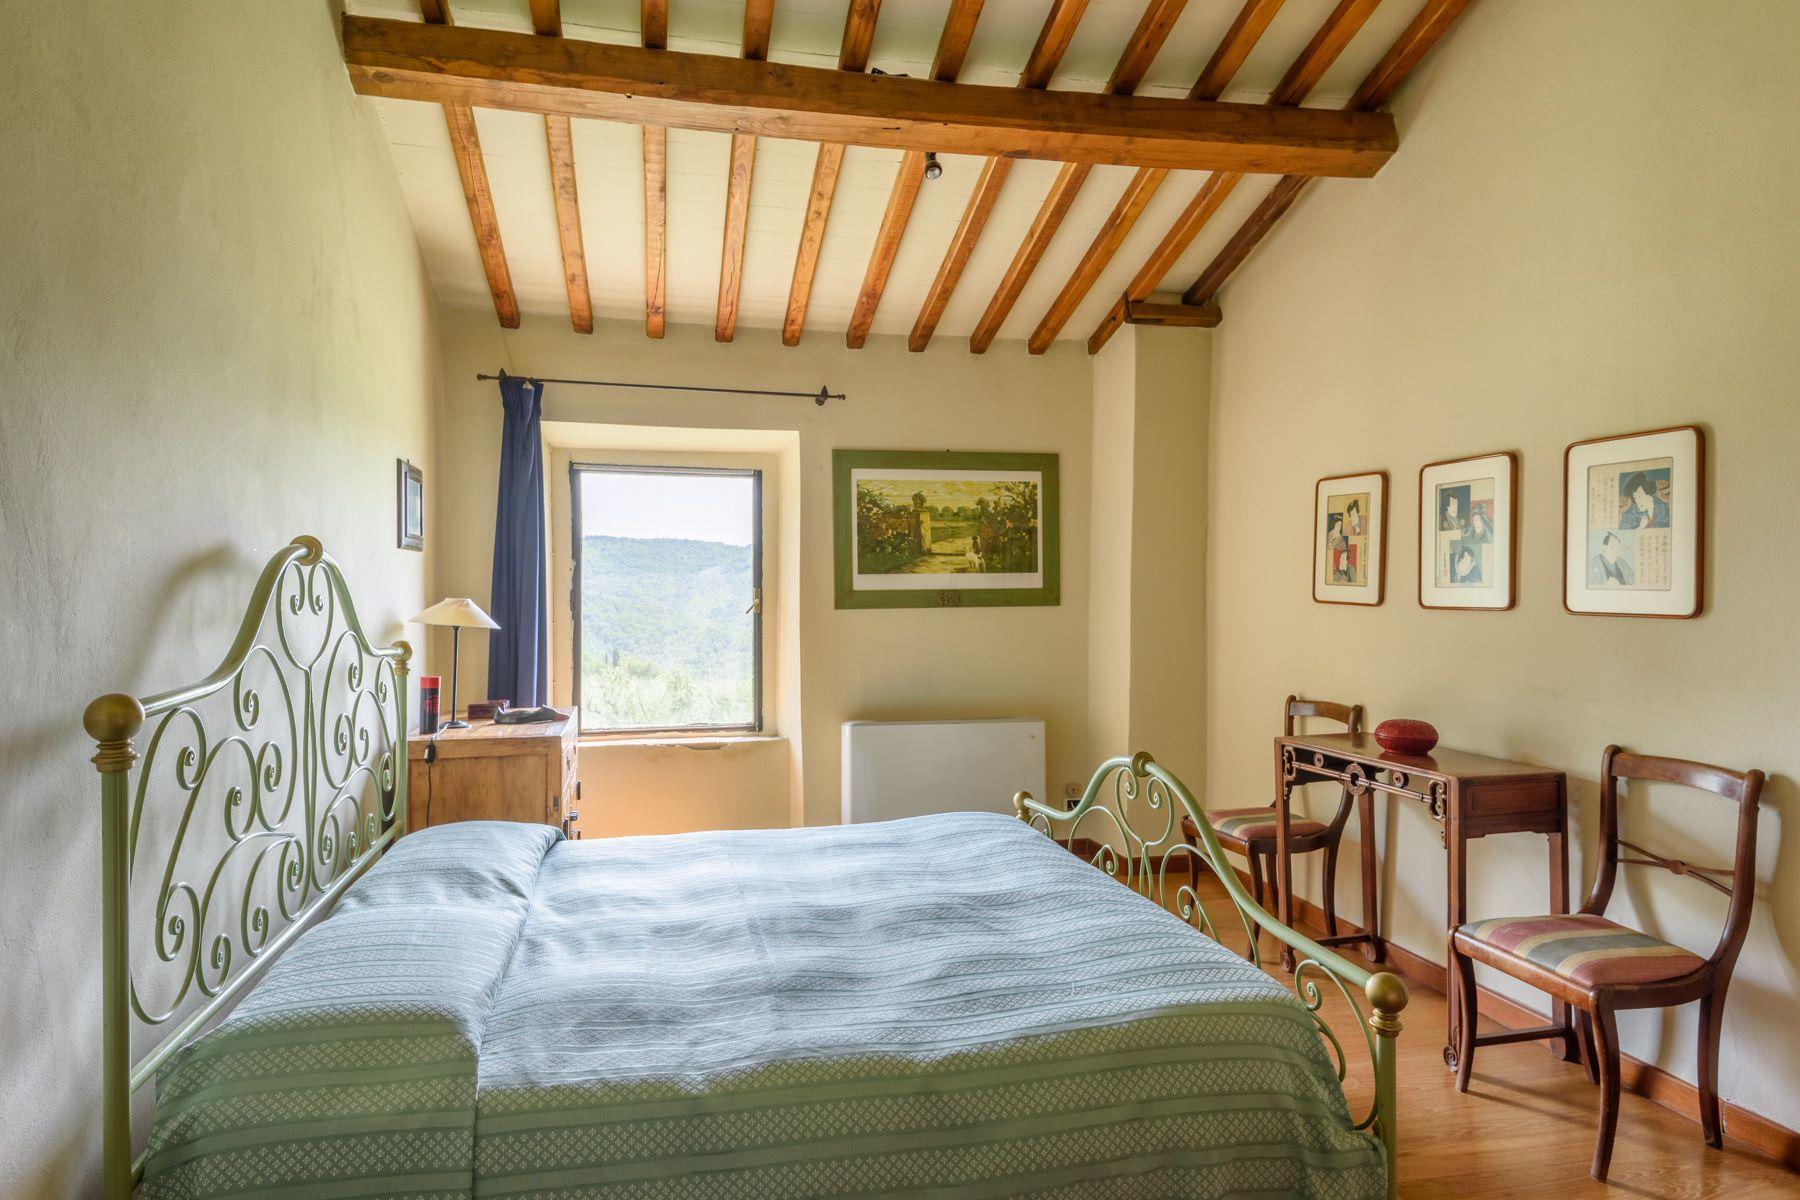 Additional photo for property listing at Country retreat in Chianti Aretino Pergine Valdarno, Arezzo Italia